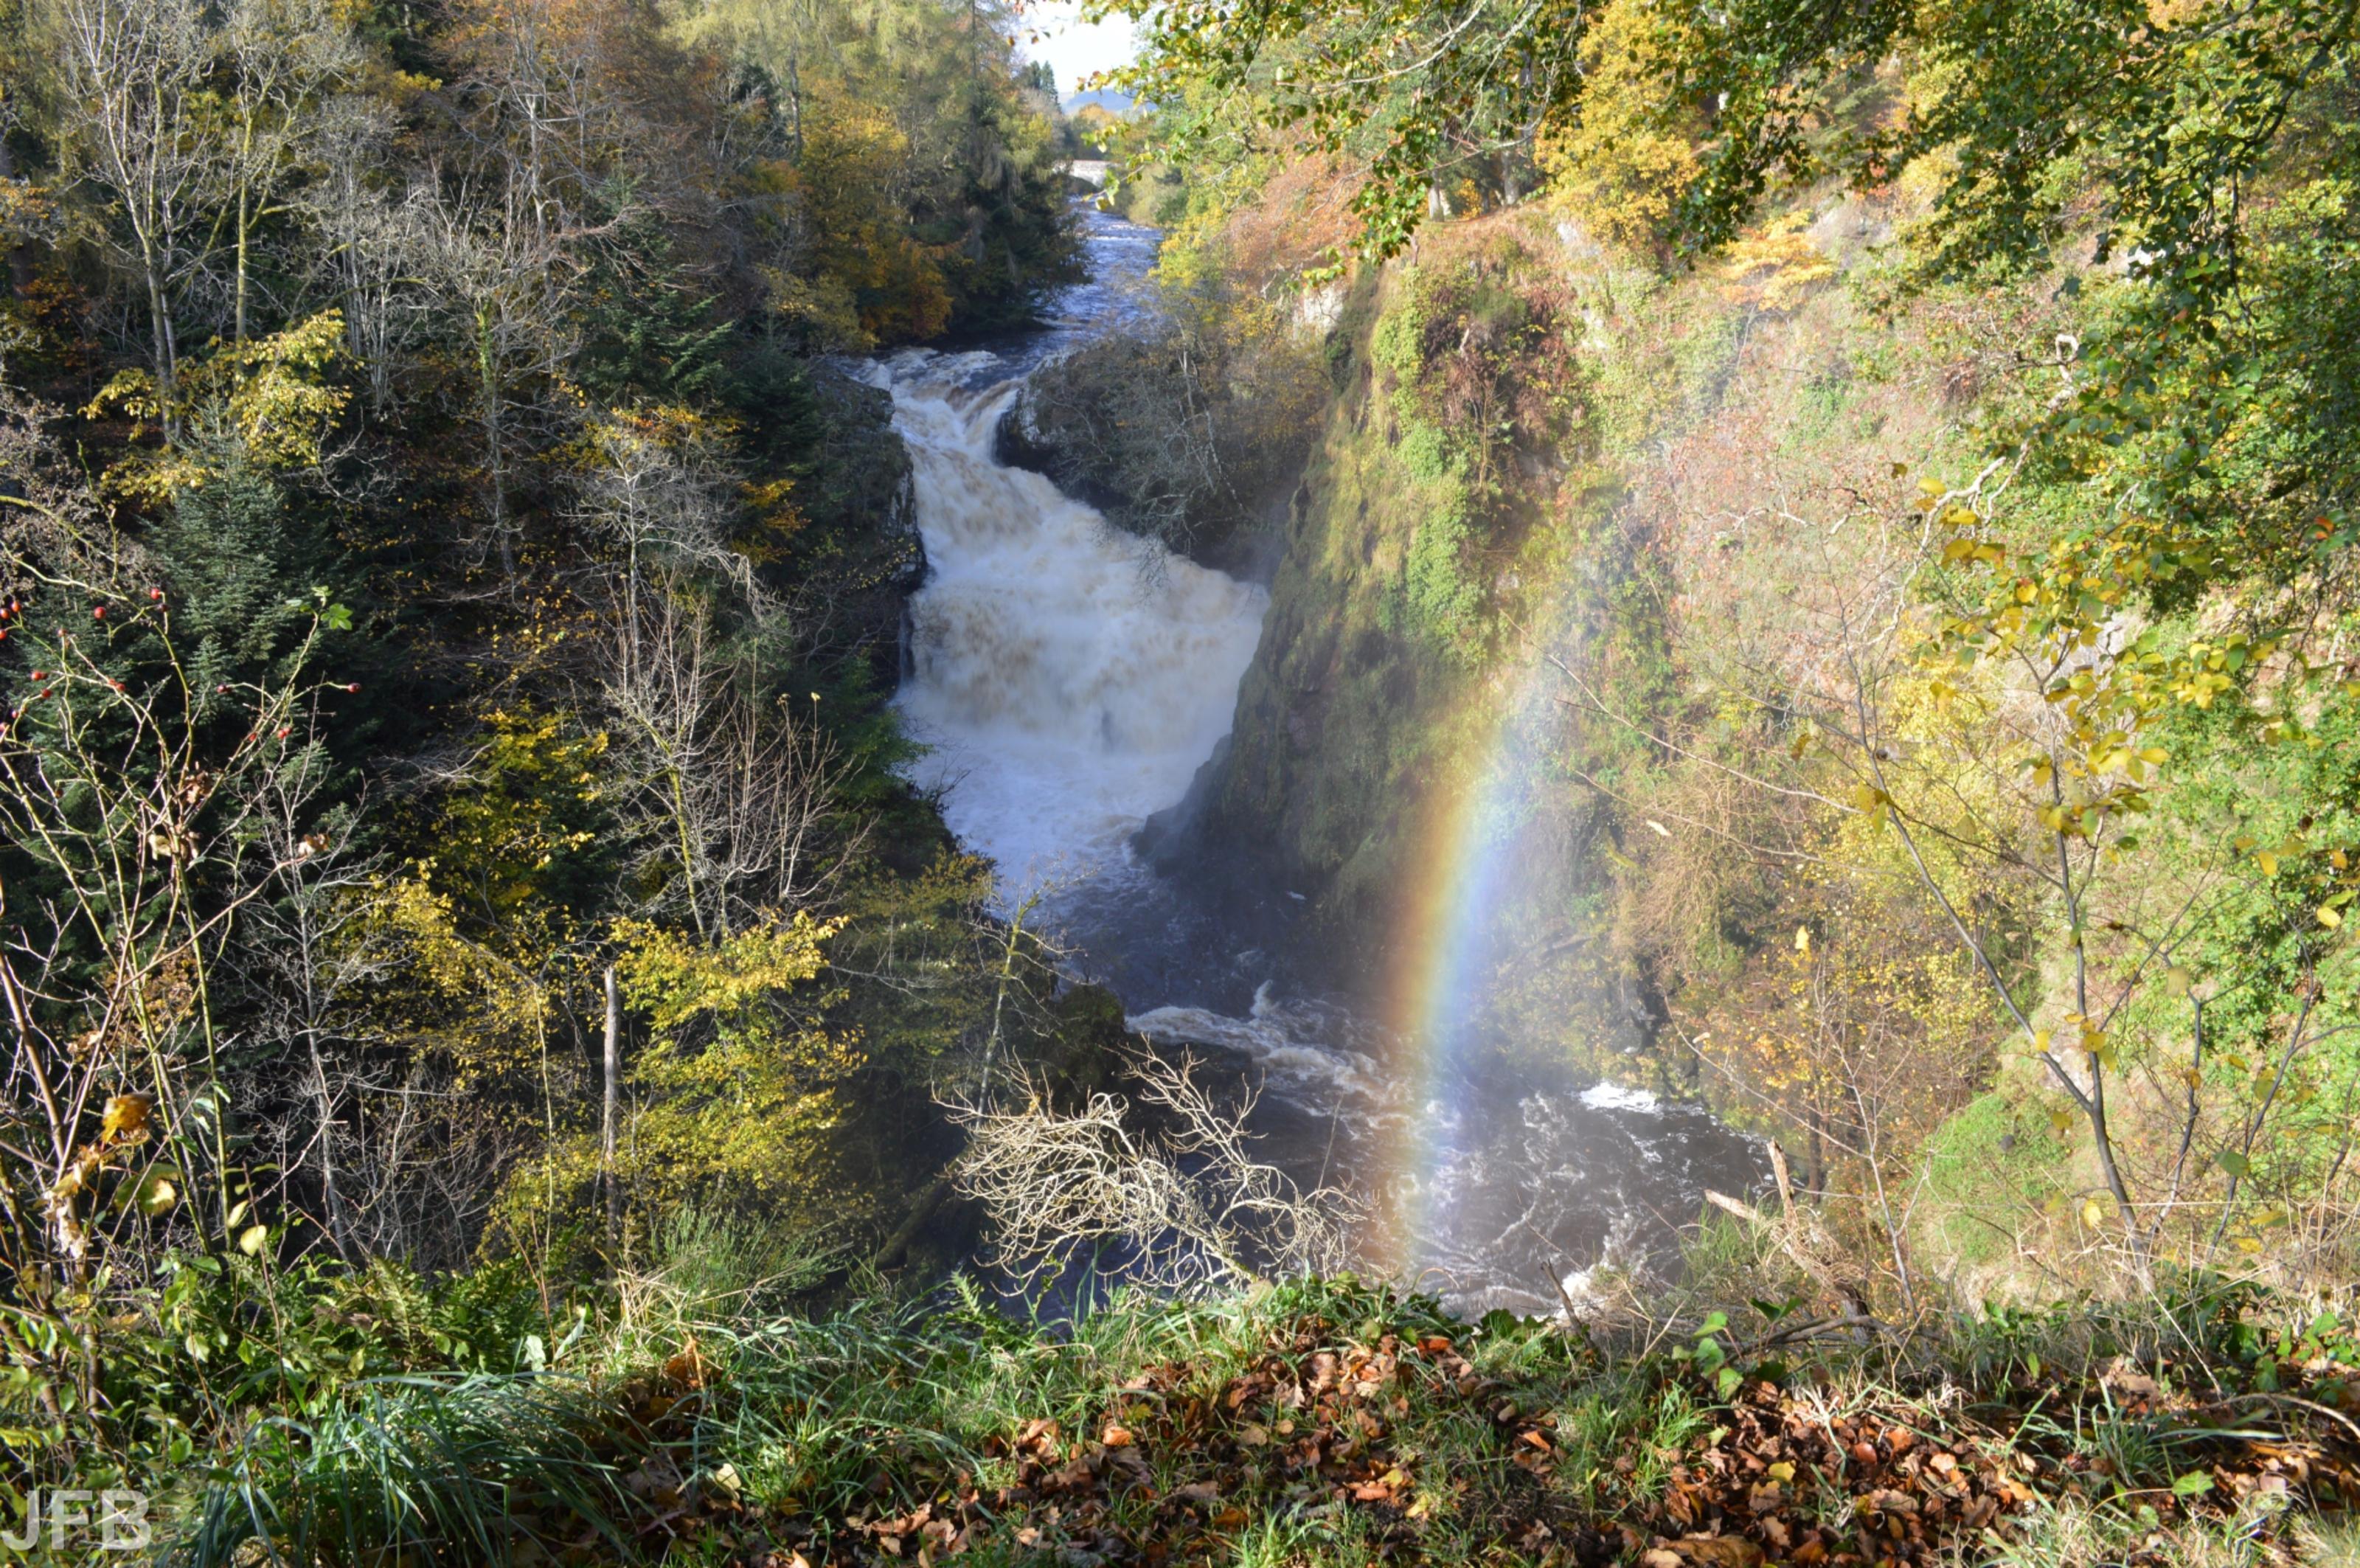 Turbulent water and rainbow at Reekie Linn  (Jim Burns)